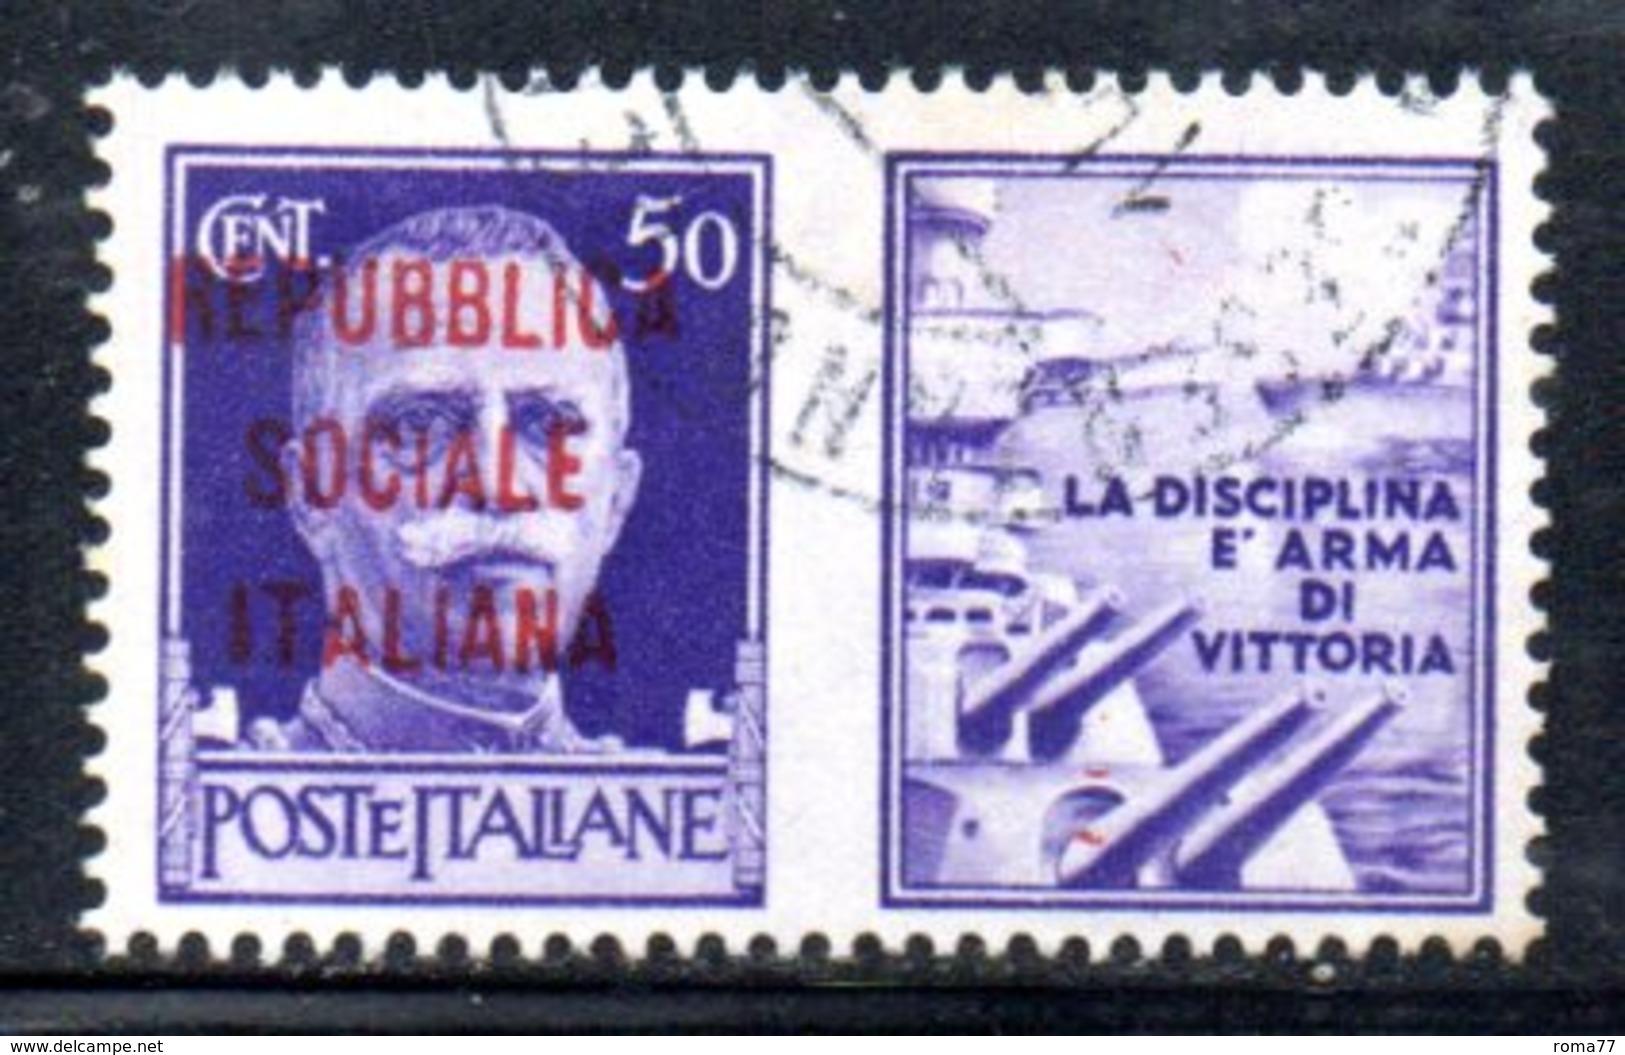 """XP2271 - REPUBBLICA SOCIALE RSI , Propaganda Guerra 50 Cent Usato  """" La Disciplina ..."""" - 4. 1944-45 Repubblica Sociale"""